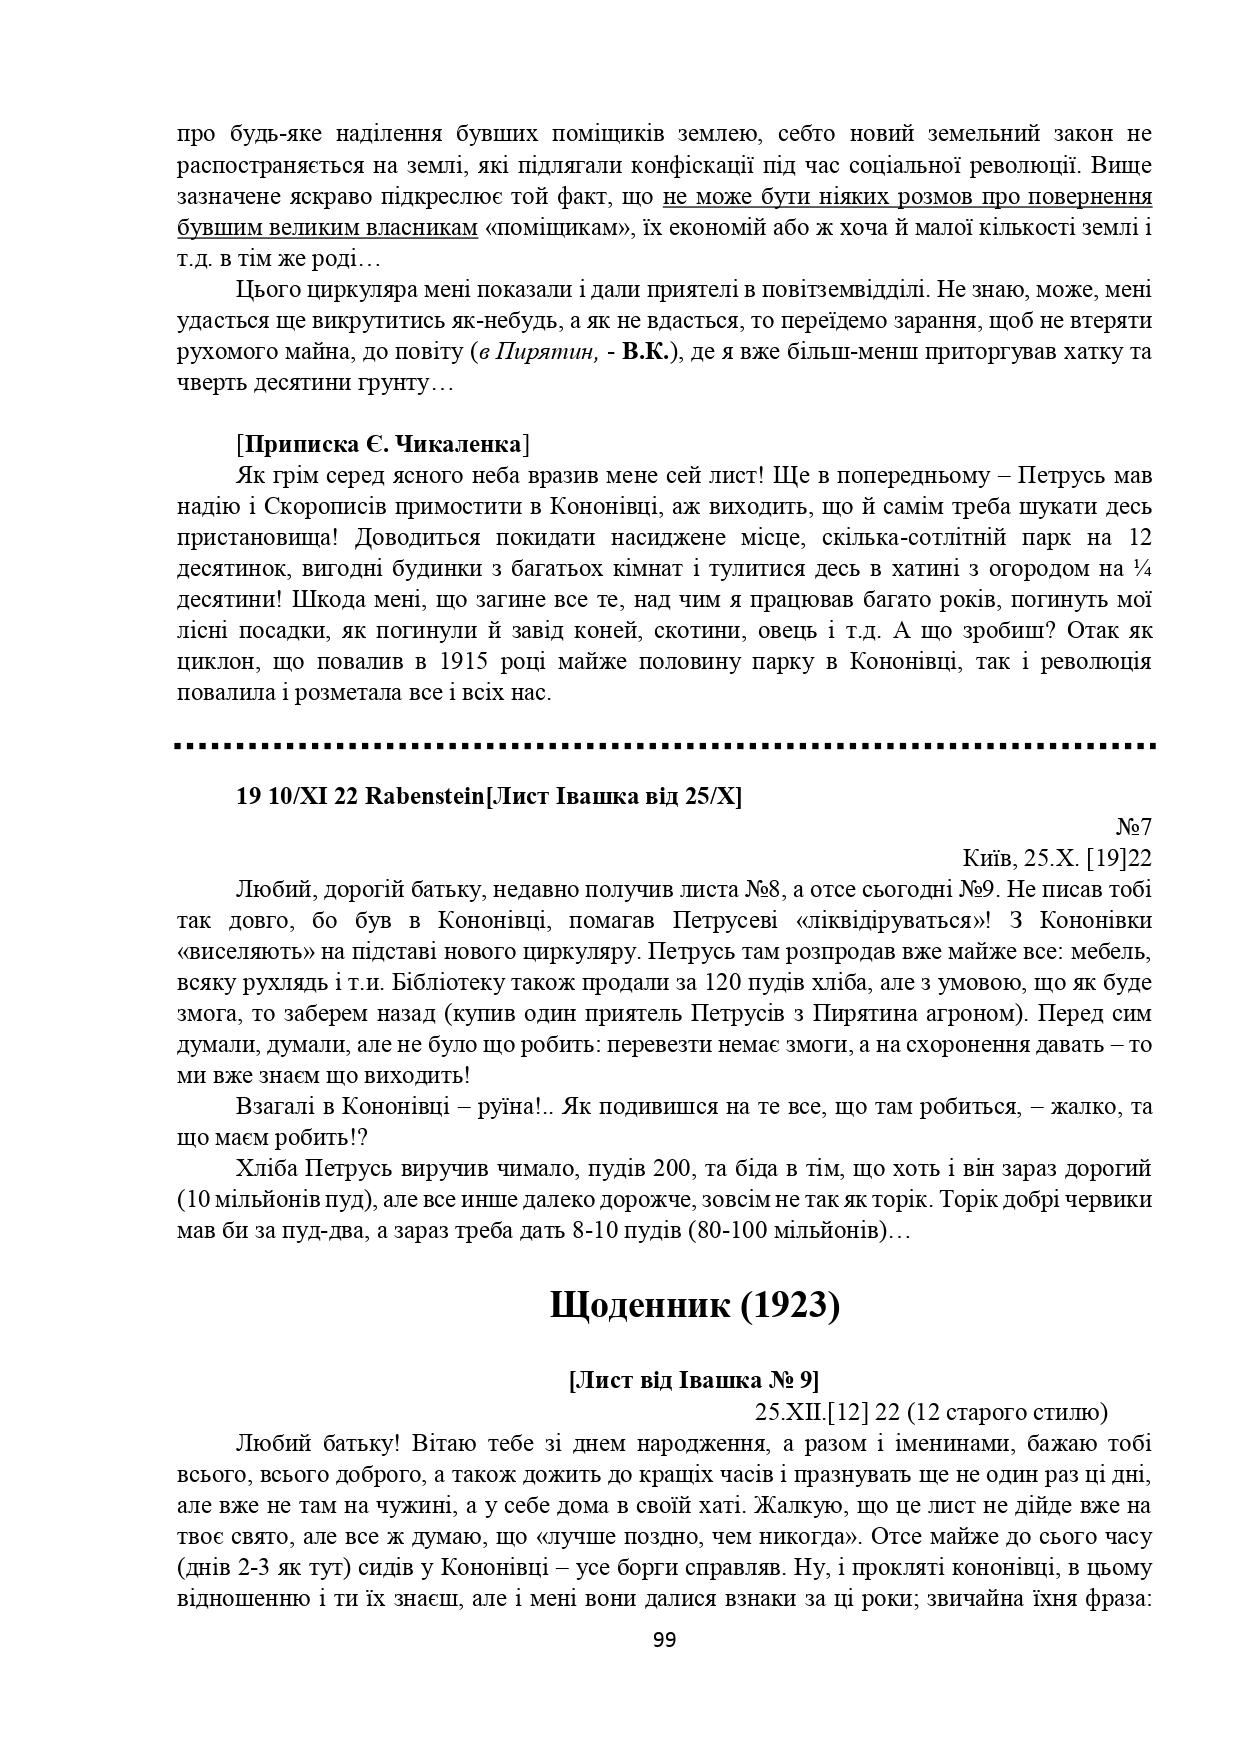 ІСТОРІЯ СЕЛА КОНОНІВКА 2021 (1)_page-0099